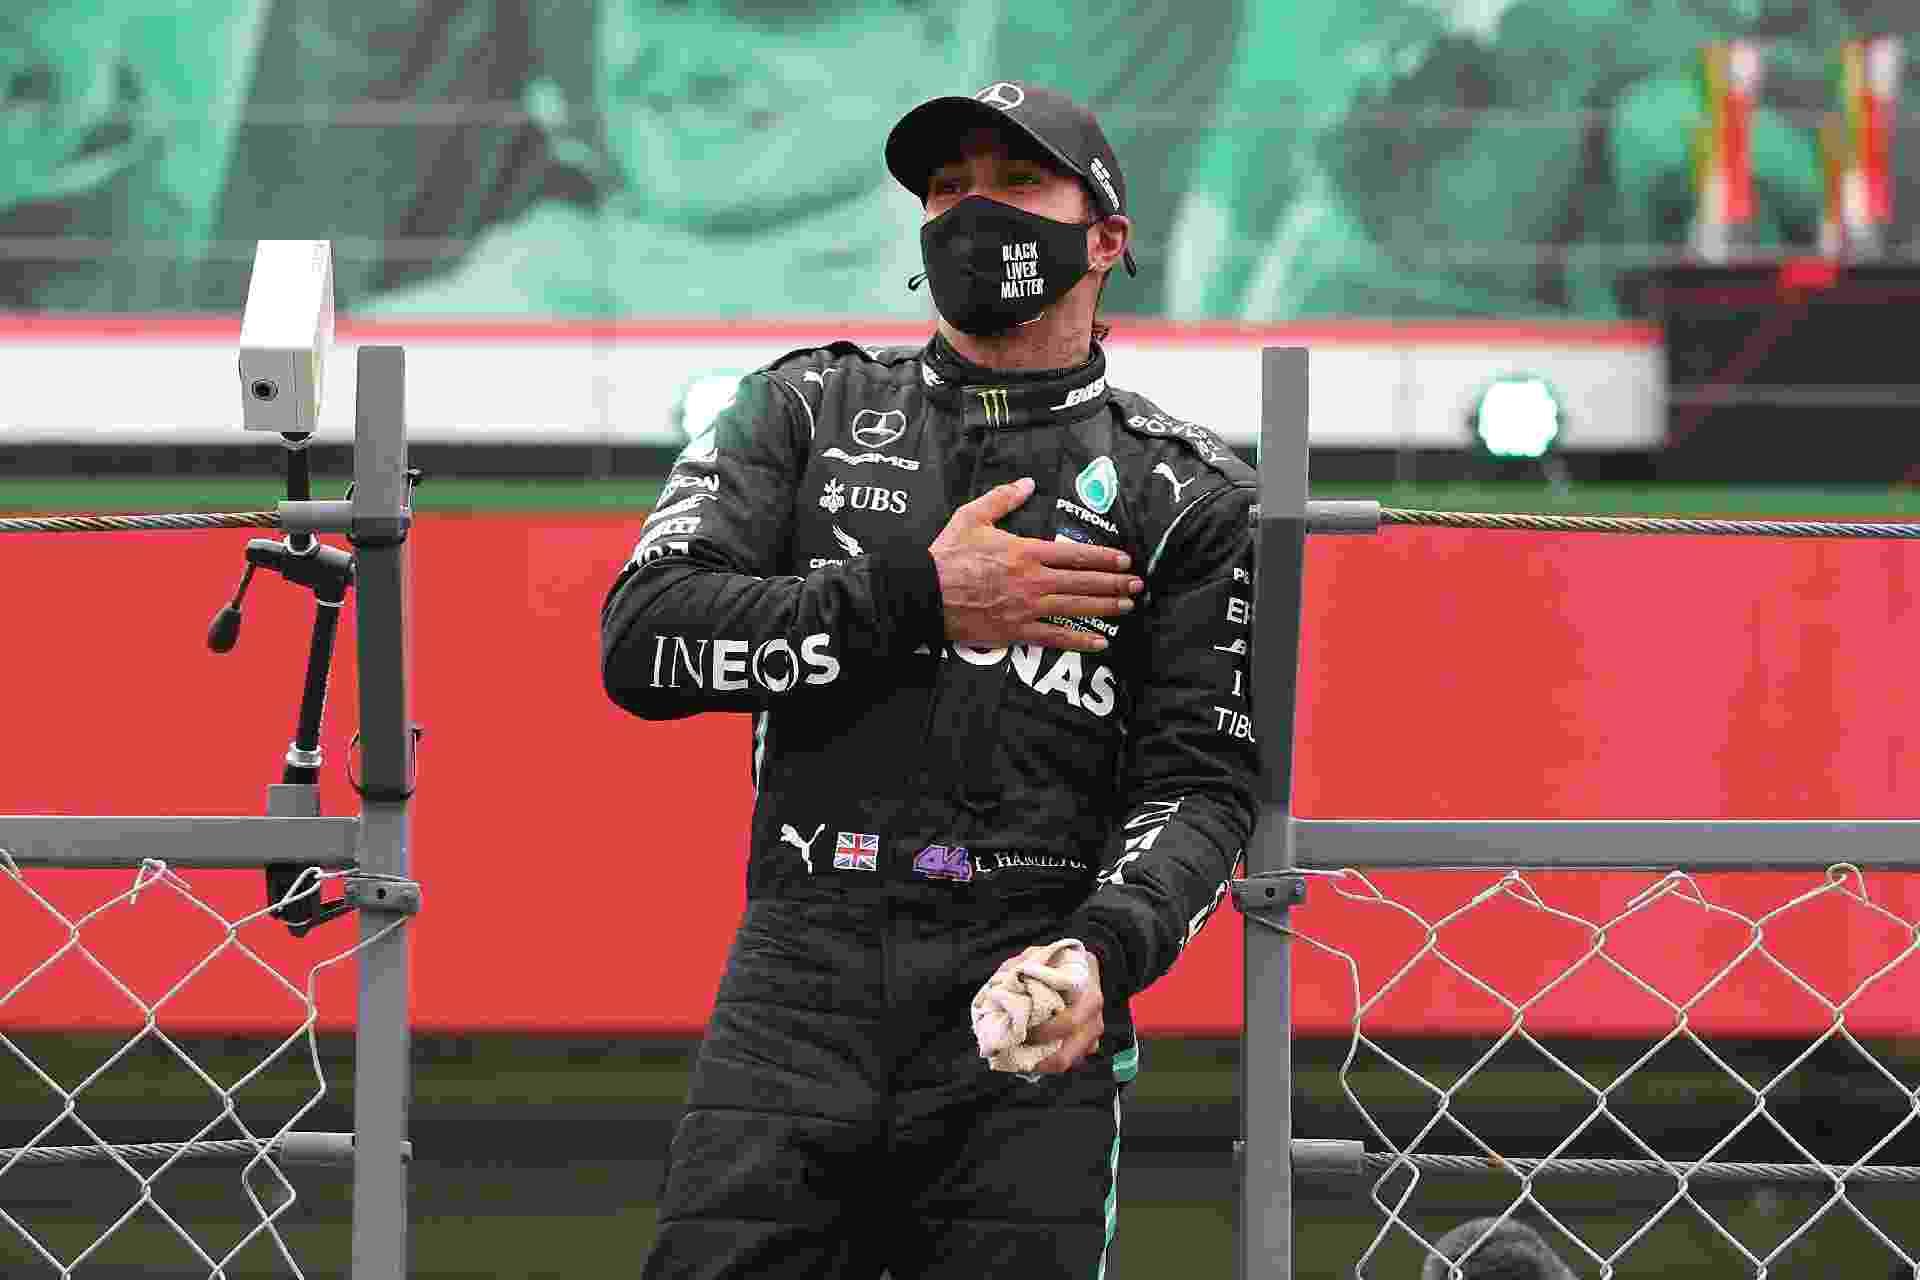 Lewis Hamilton ganha o GP de Portugal e, com 92 vitórias, vira o maior vencedor da história da Fórmula 1 - Jose Sena Goulao - Pool/Getty Images